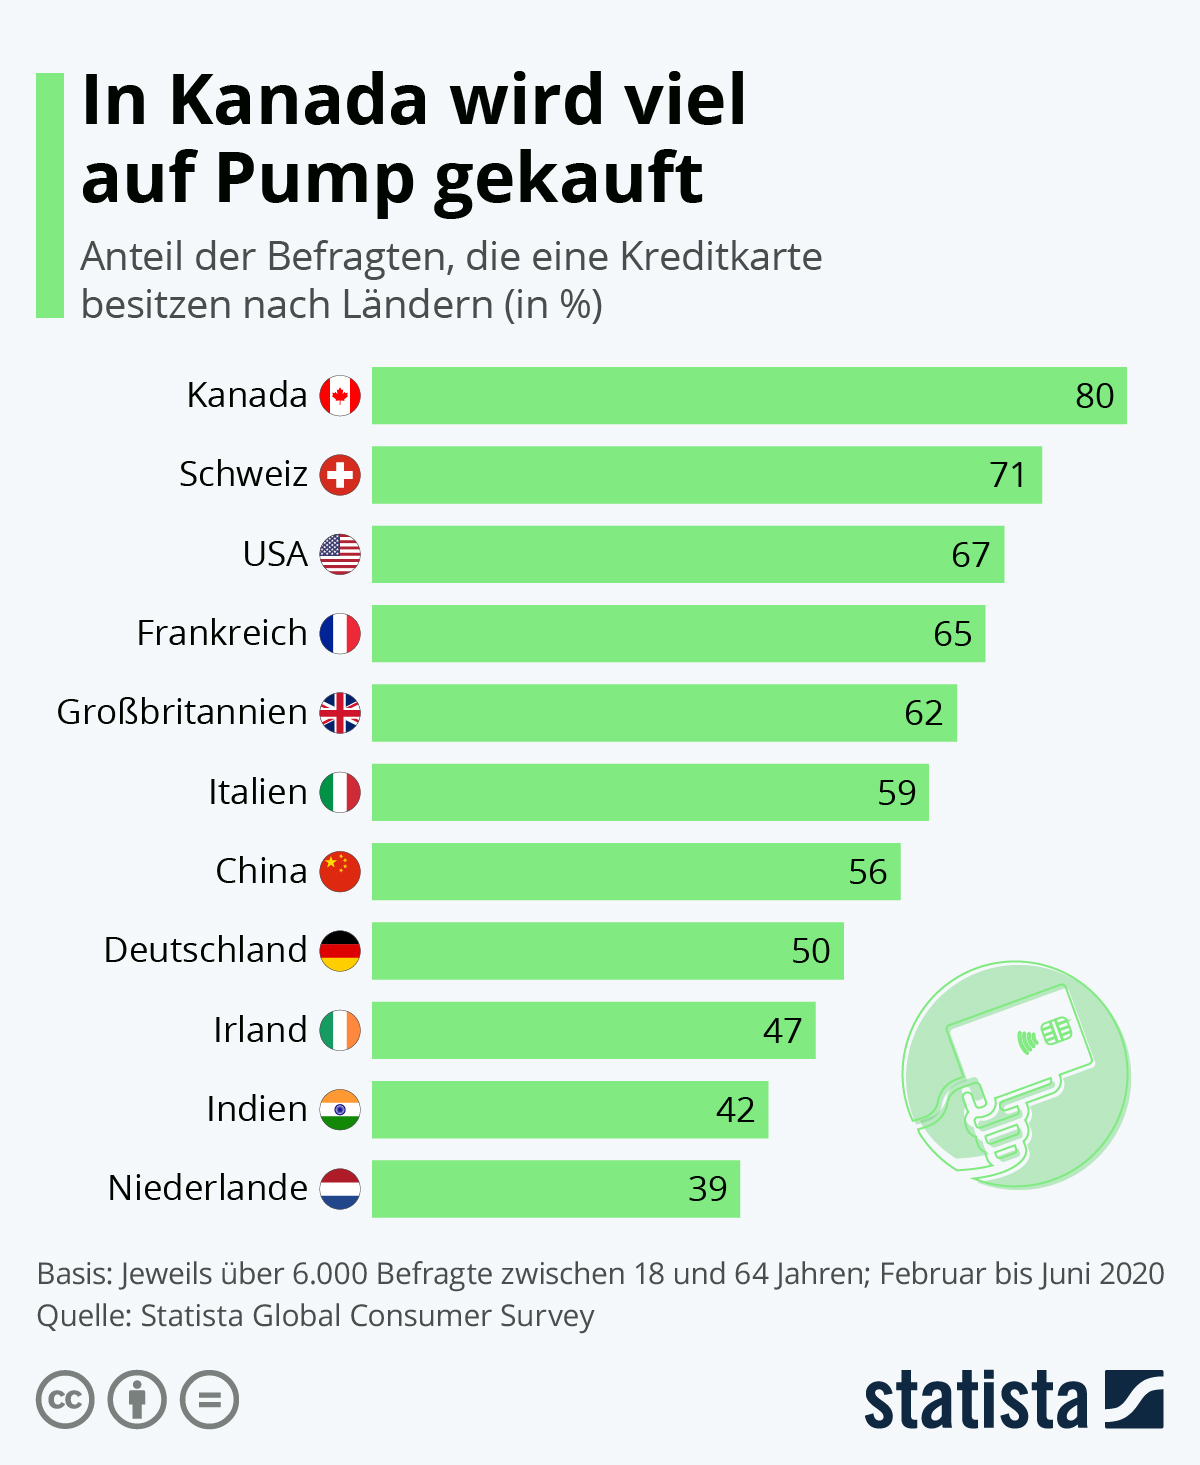 Infografik: In Kanada wird viel auf Pump gekauft | Statista